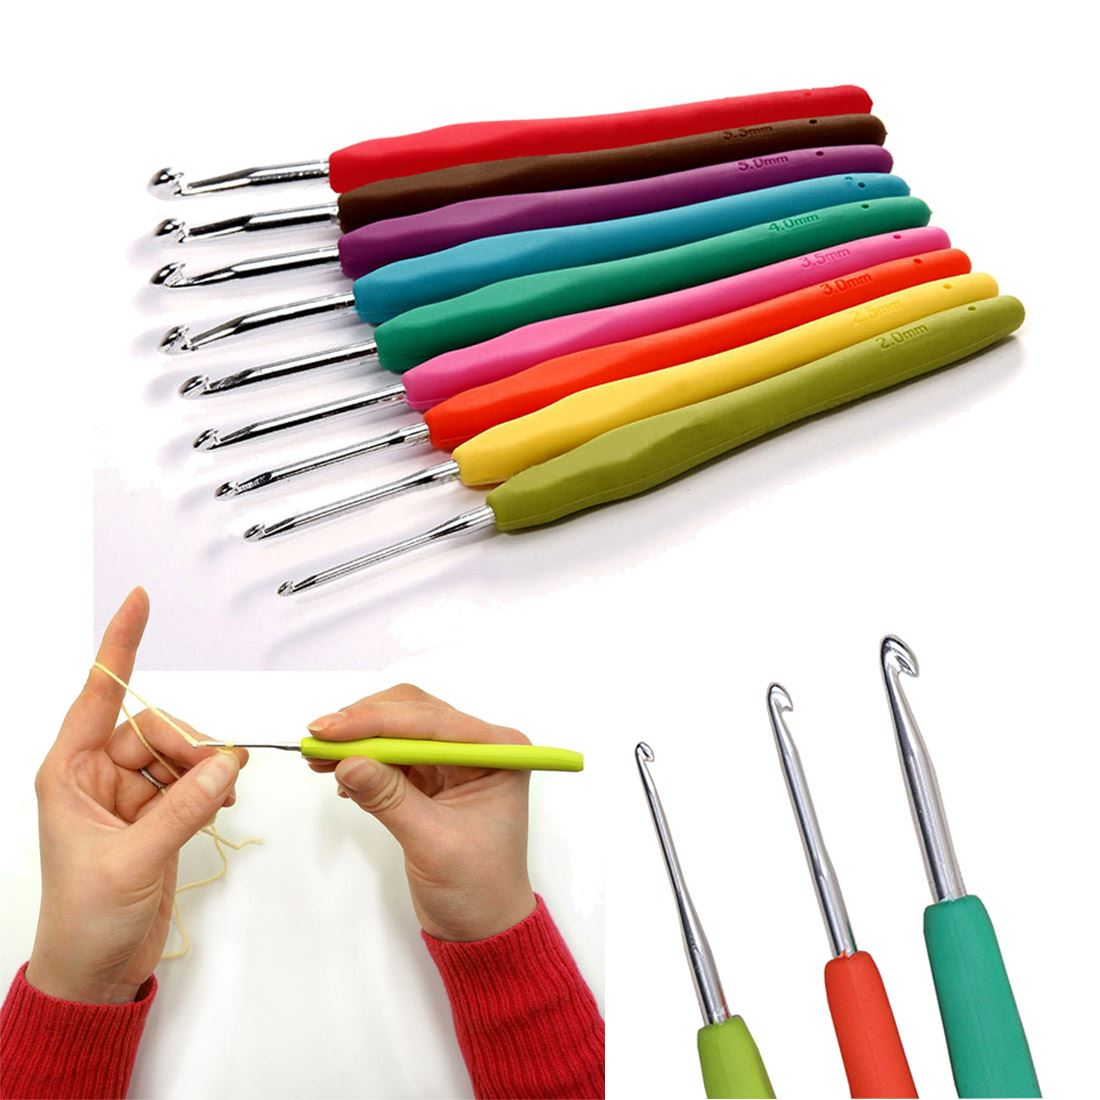 Knitting Needle Sets Uk : Sizes soft plastic handle aluminum crochet hooks